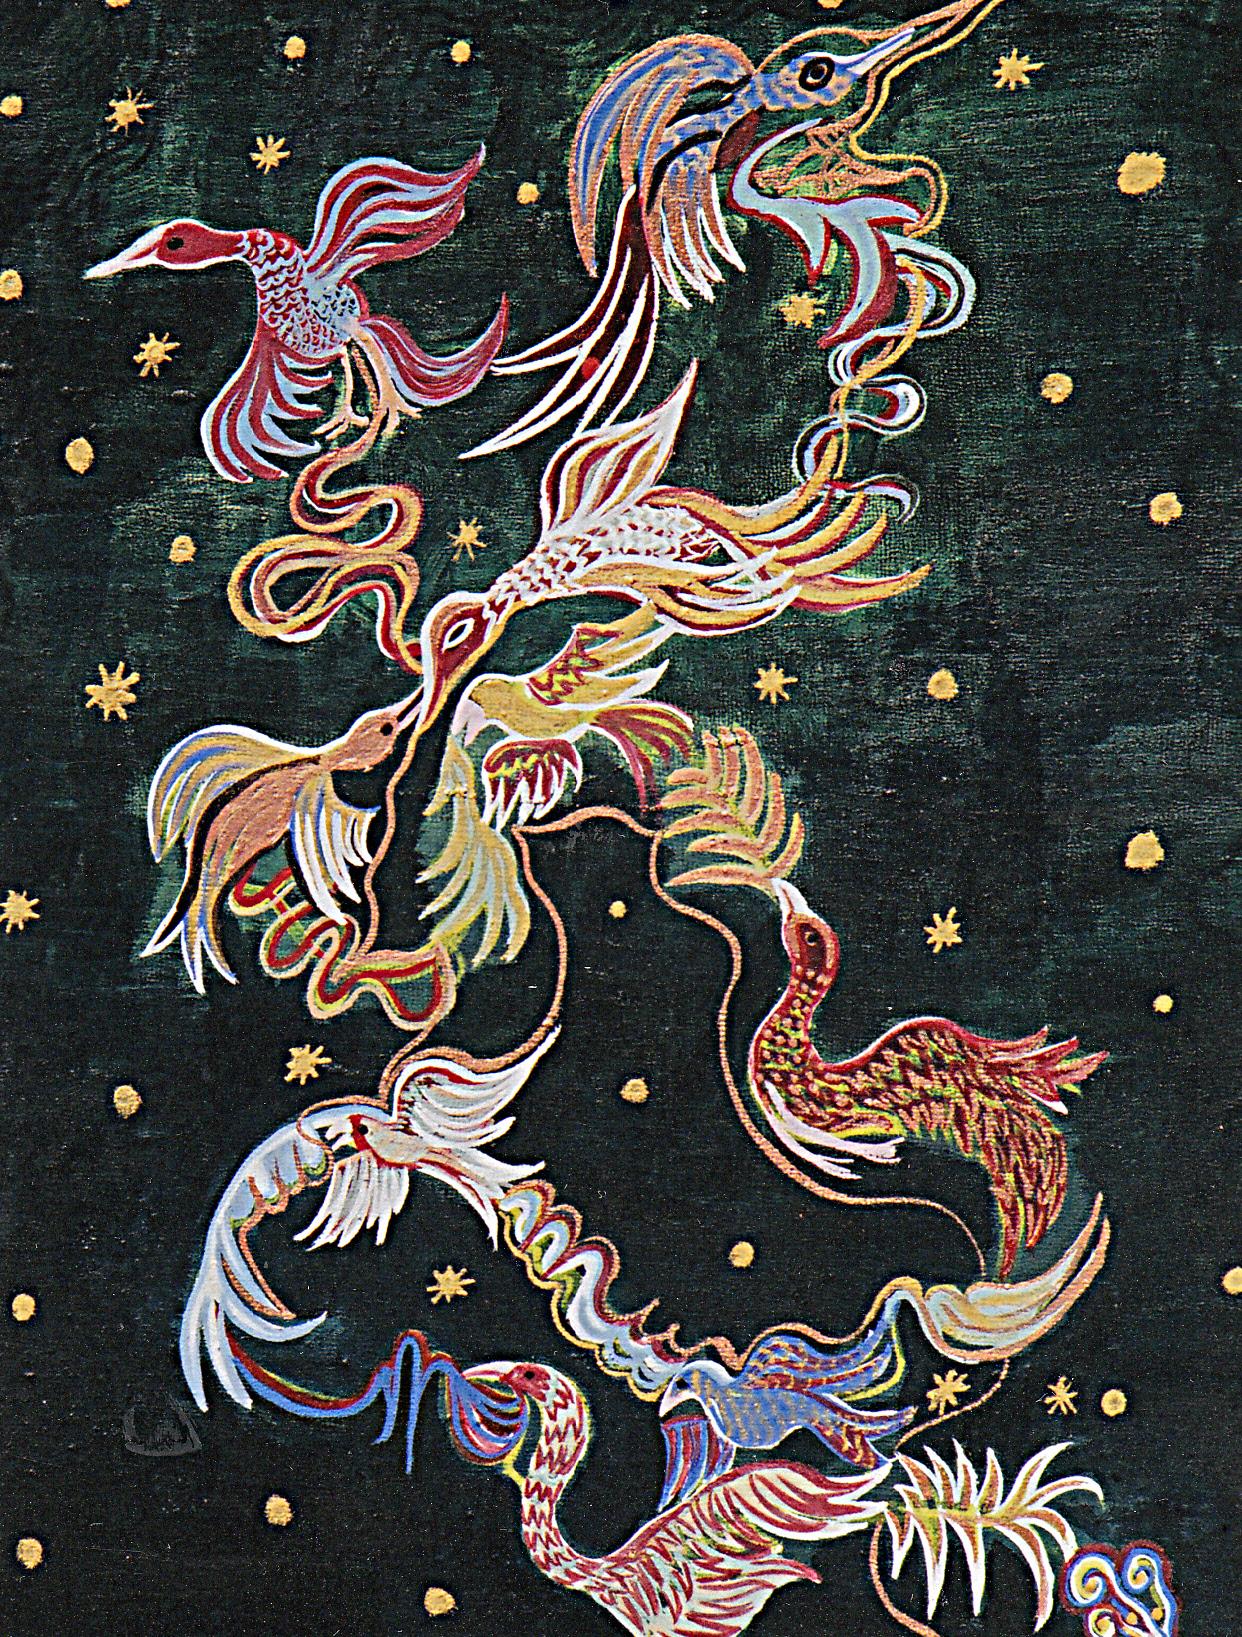 Kites in the Nightsky_NEW.jpg